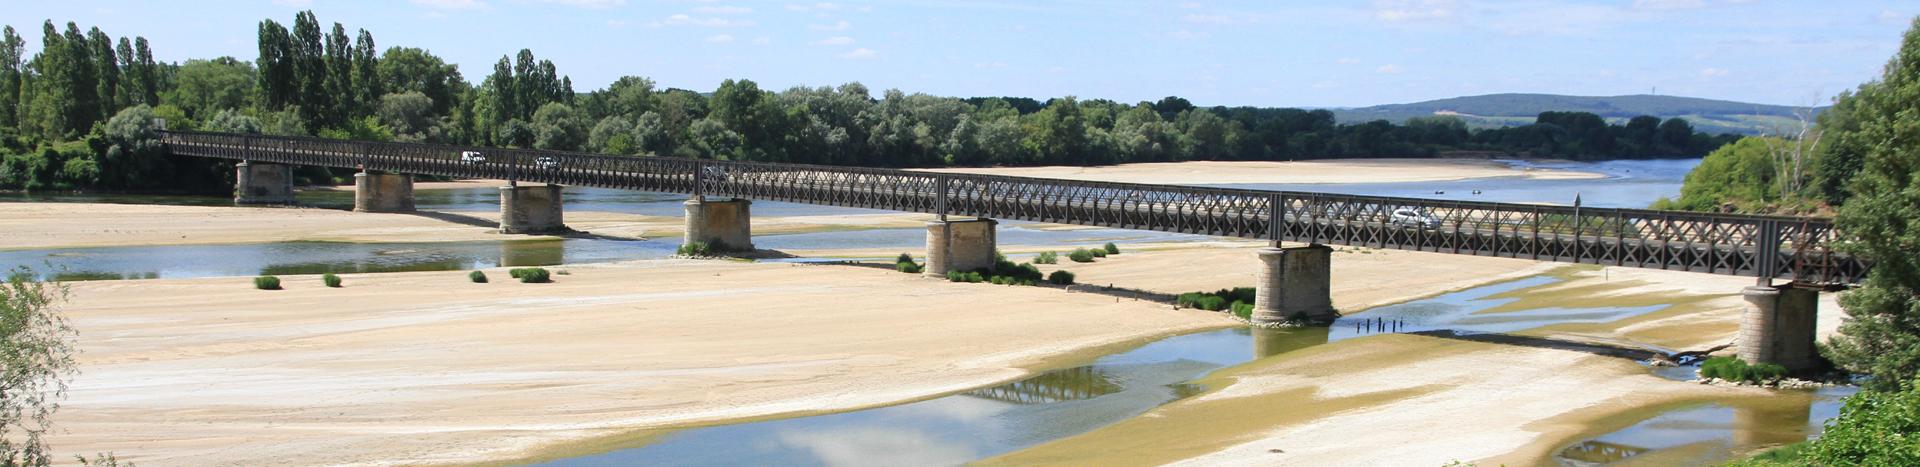 Pont de Pouilly-sur-Loire